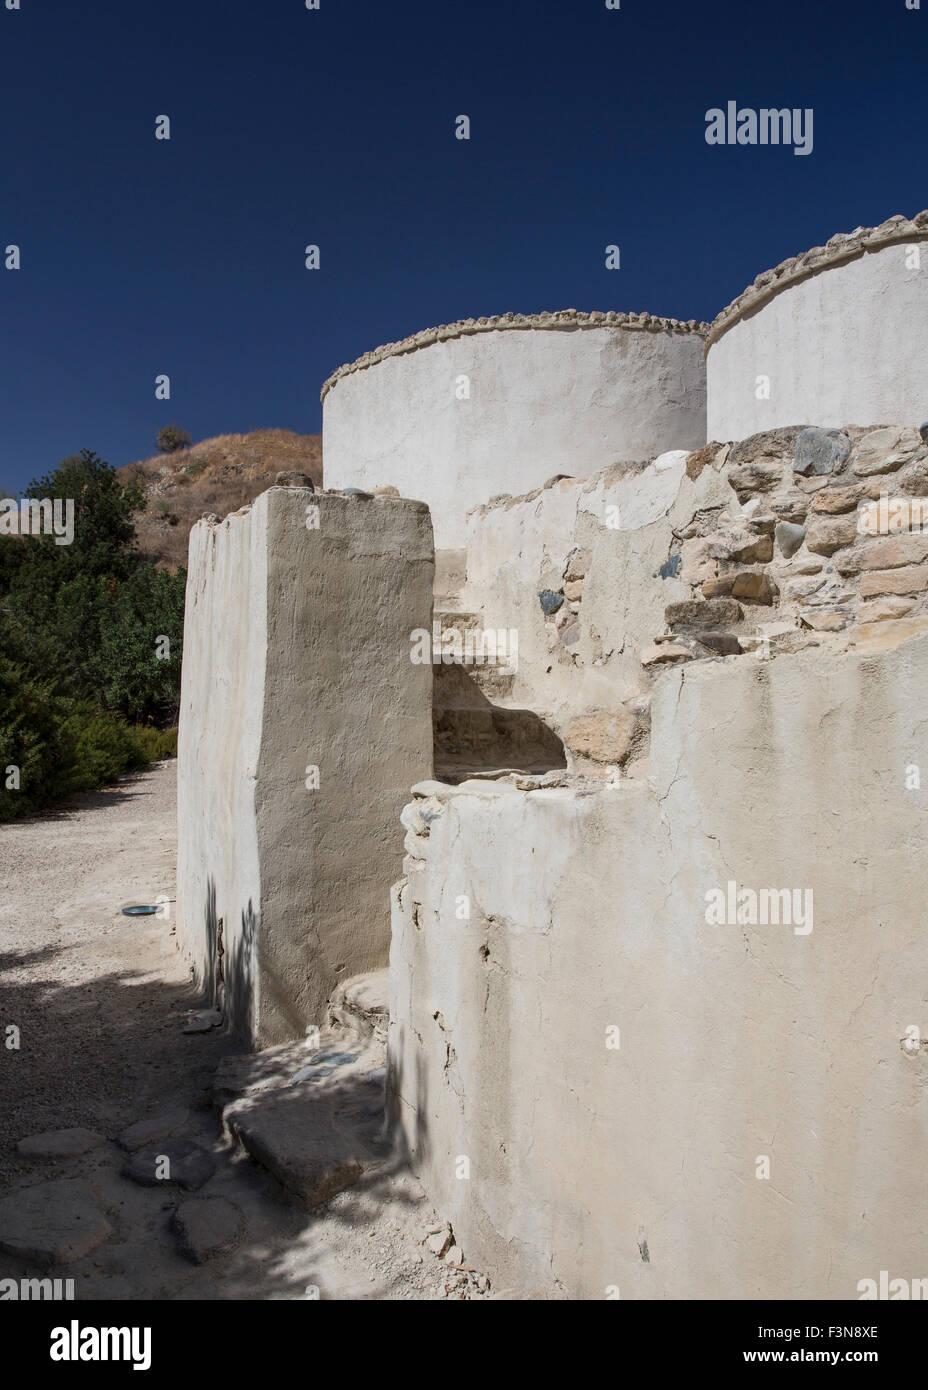 Rekonstruktion der geschützten Eingang und Häuser in der neolithischen Siedlung gelegenen in Zypern Stockfoto